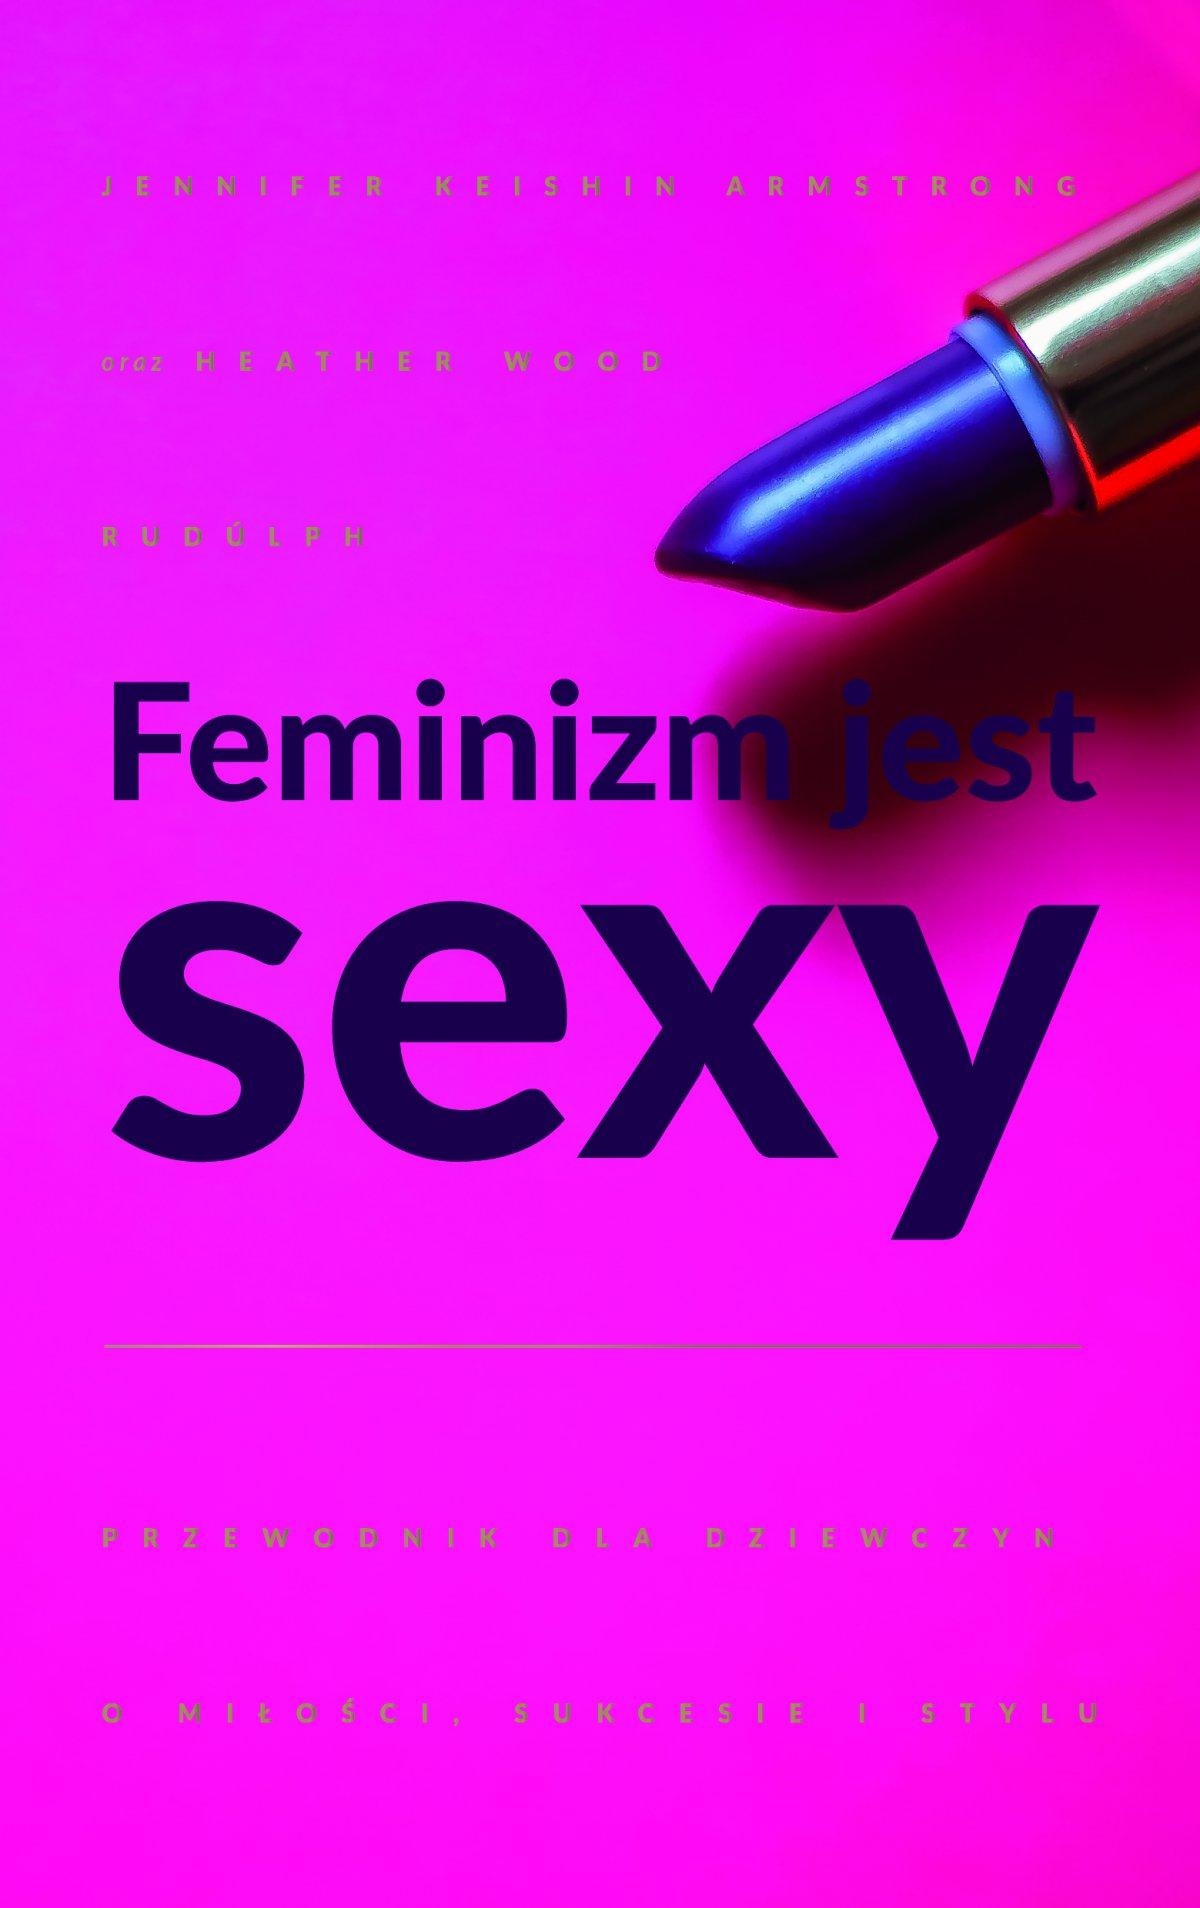 Feminizm jest sexy. Przewodnik dla dziewczyn o miłości, sukcesie i stylu - Ebook (Książka na Kindle) do pobrania w formacie MOBI